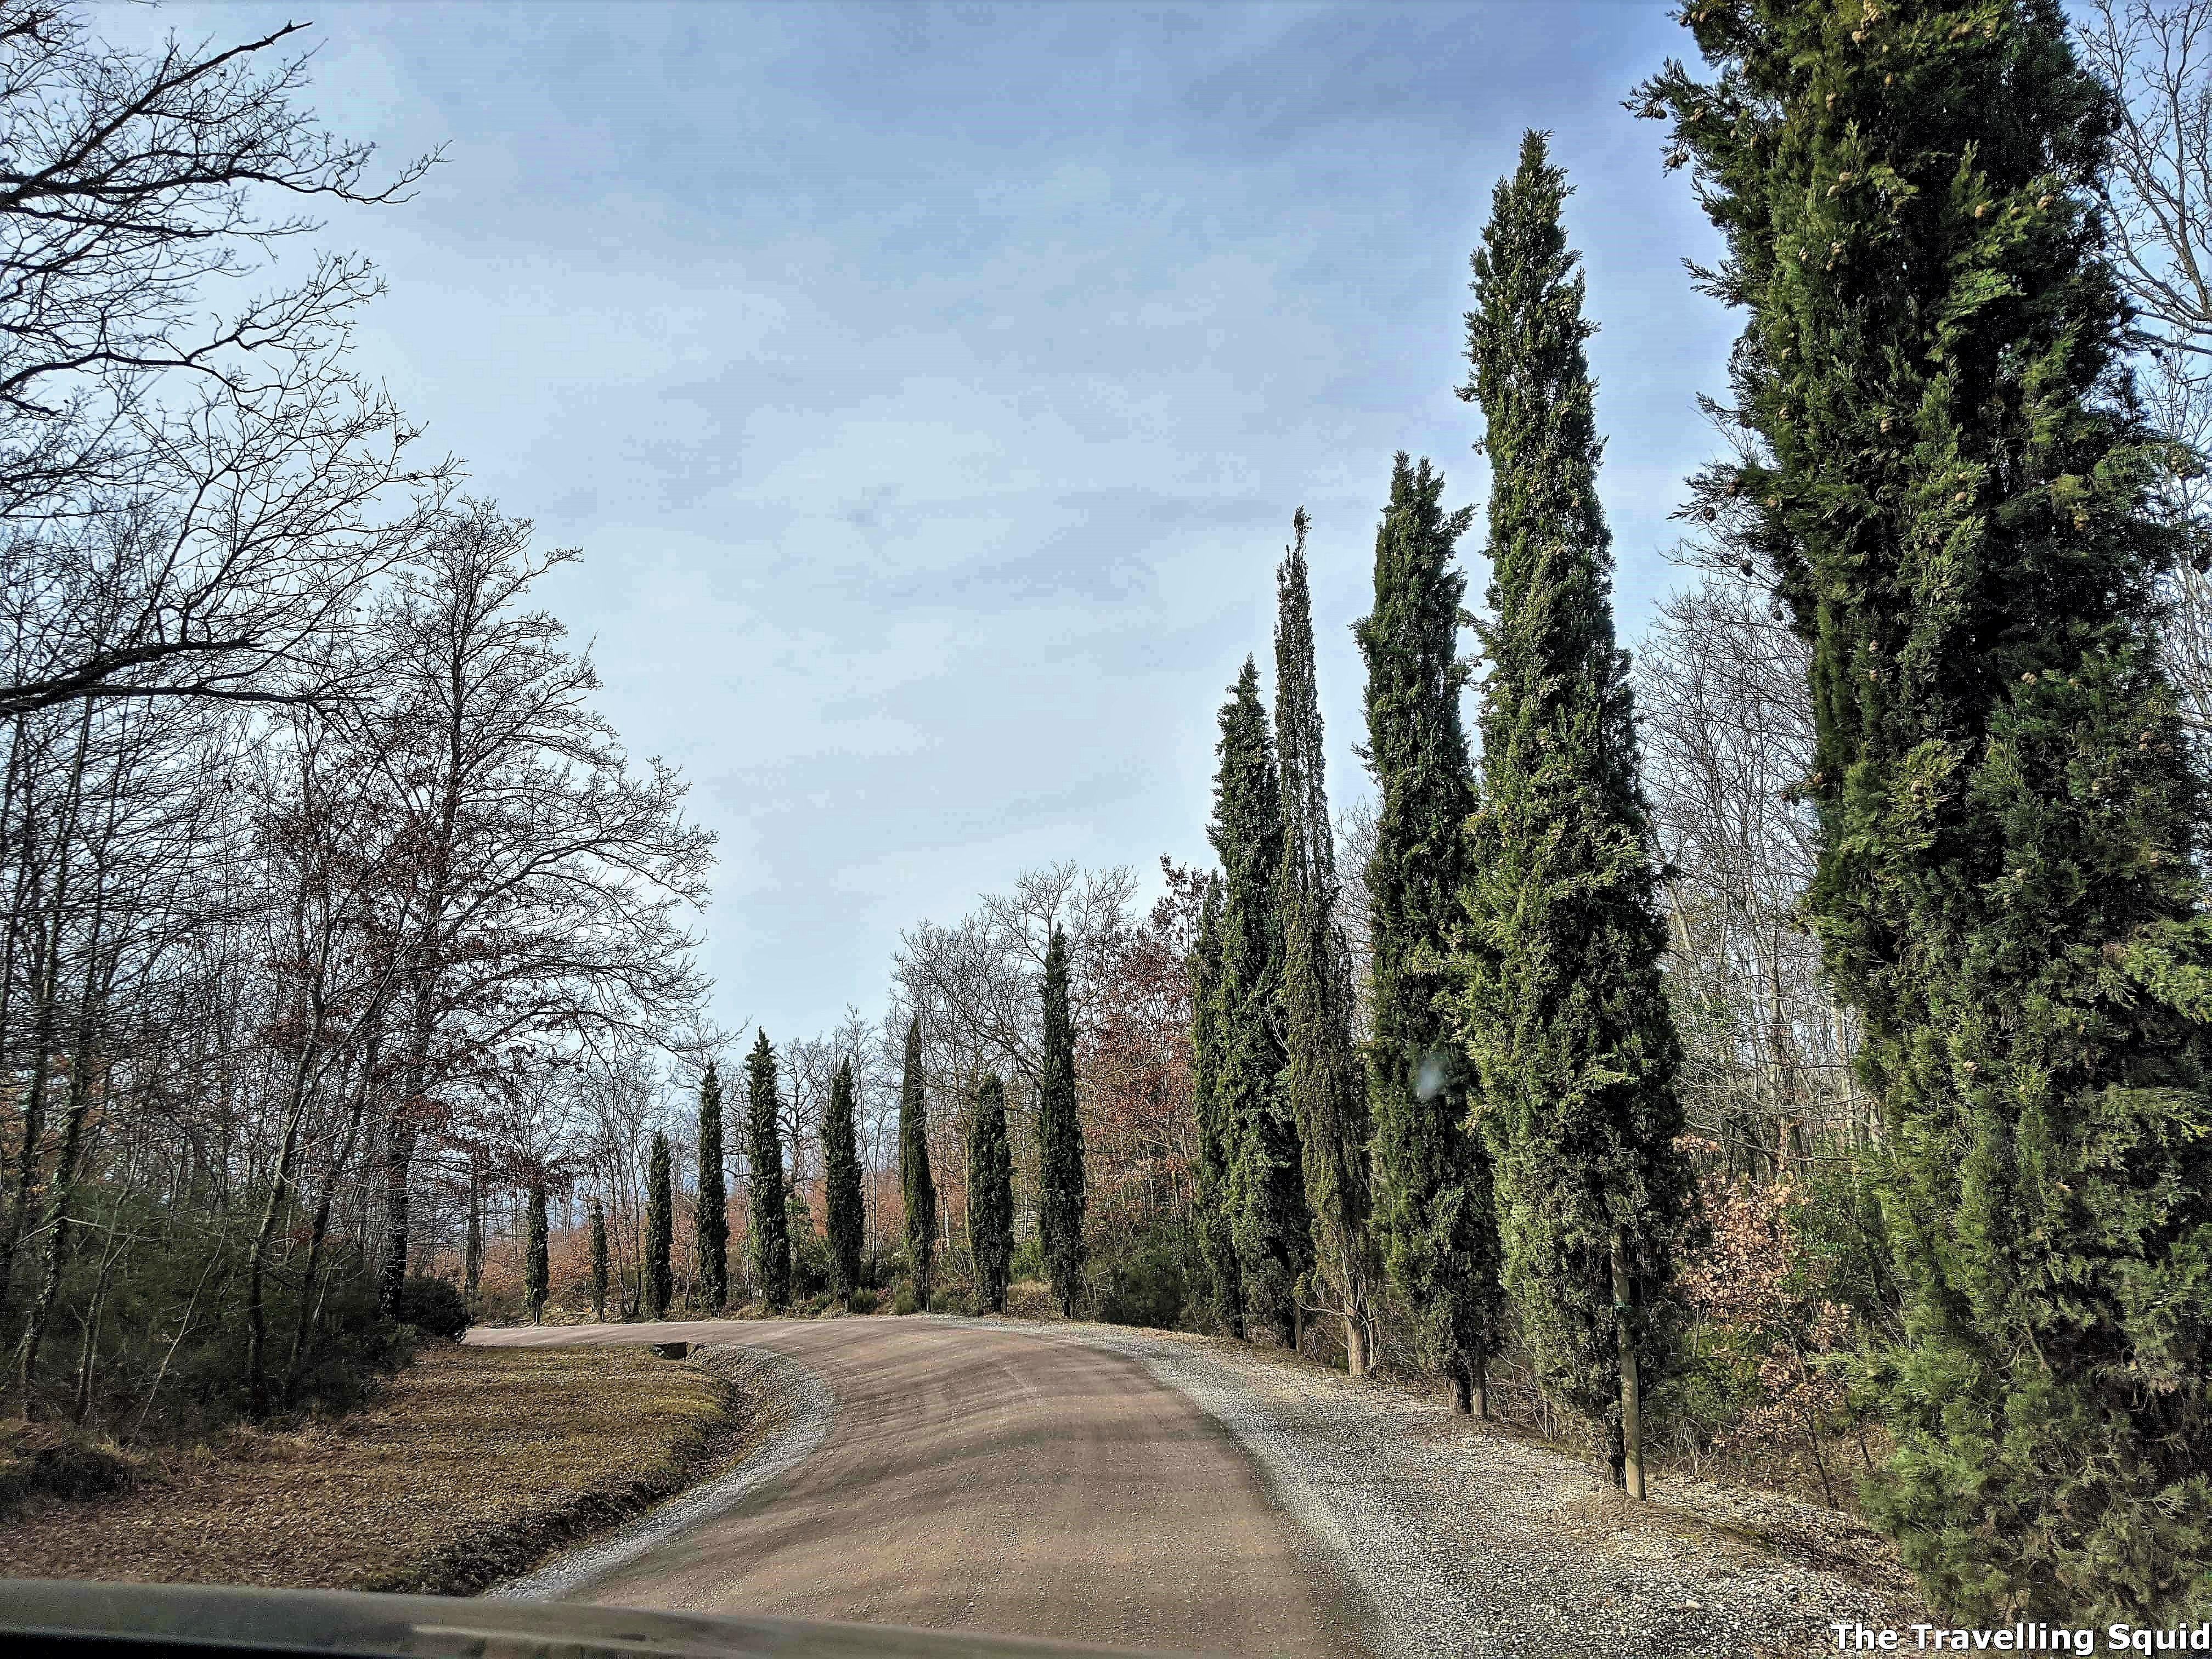 cypress Poggio Antico in Montalcino